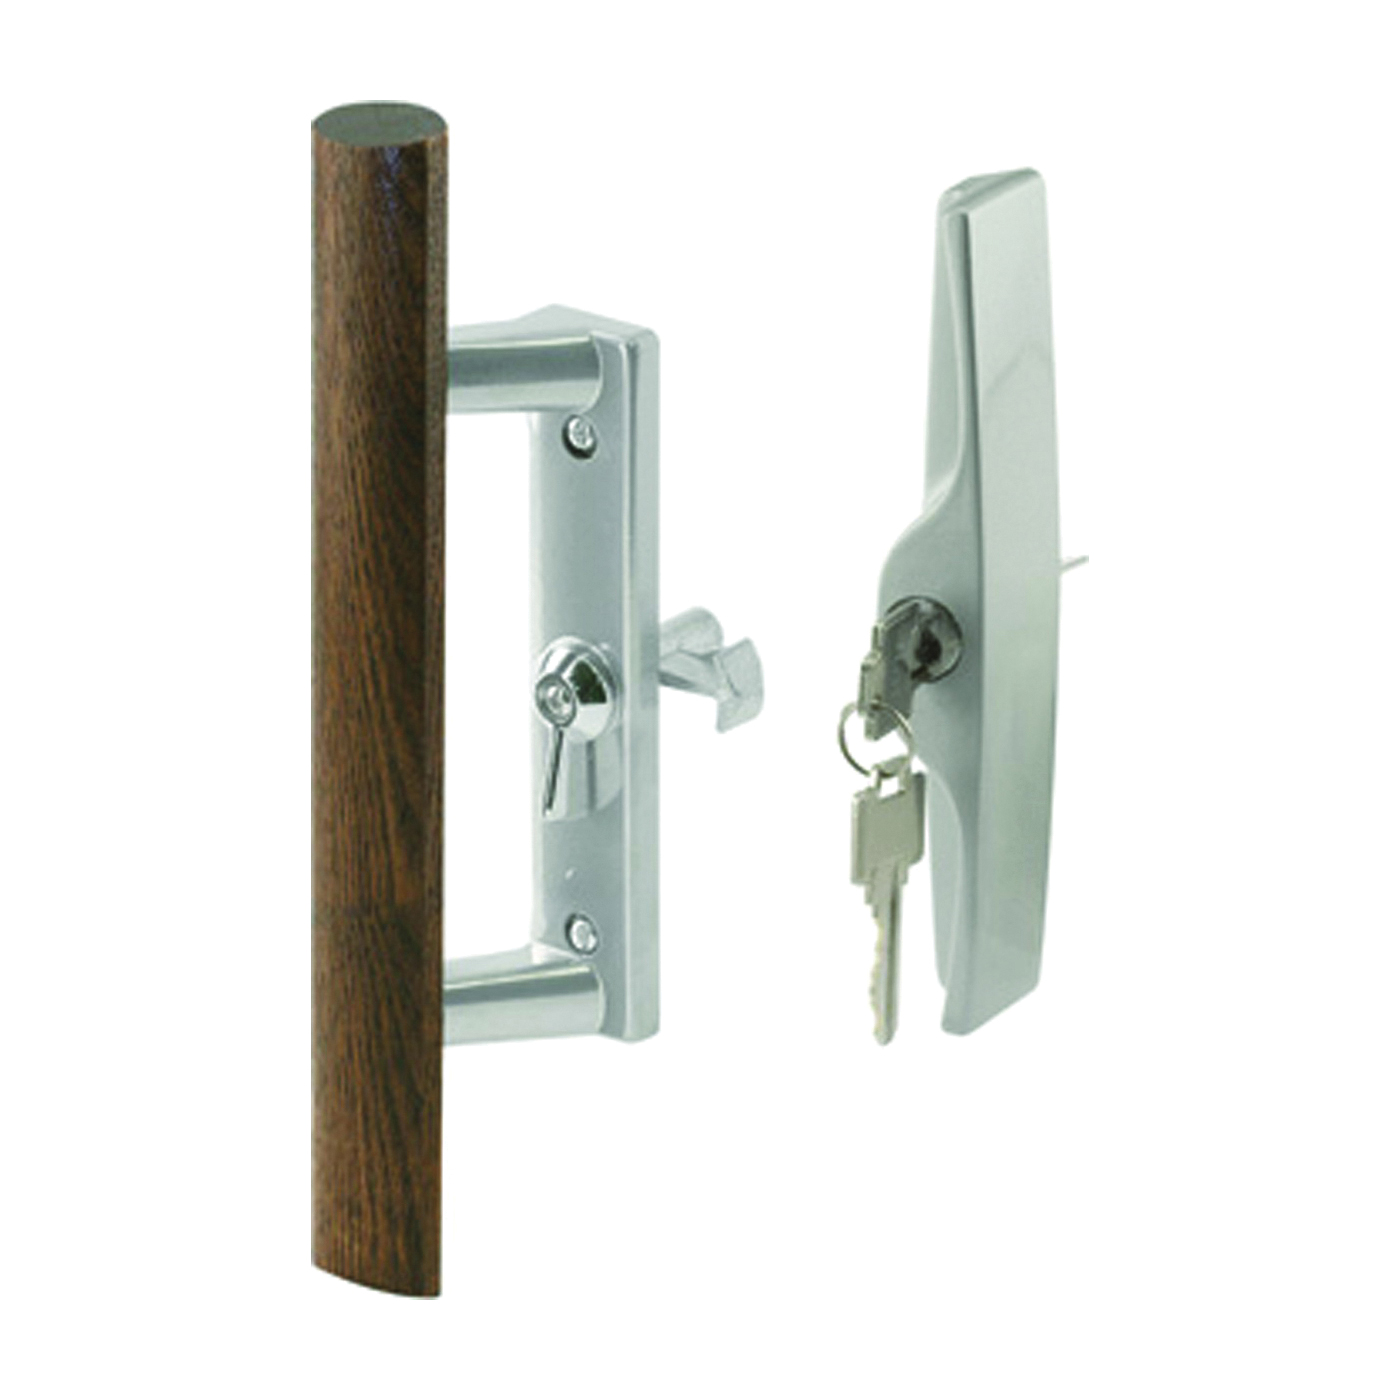 Picture of Prime-Line C 1064 Handle Set, Different Key, Aluminum, Aluminum, 1 in Thick Door